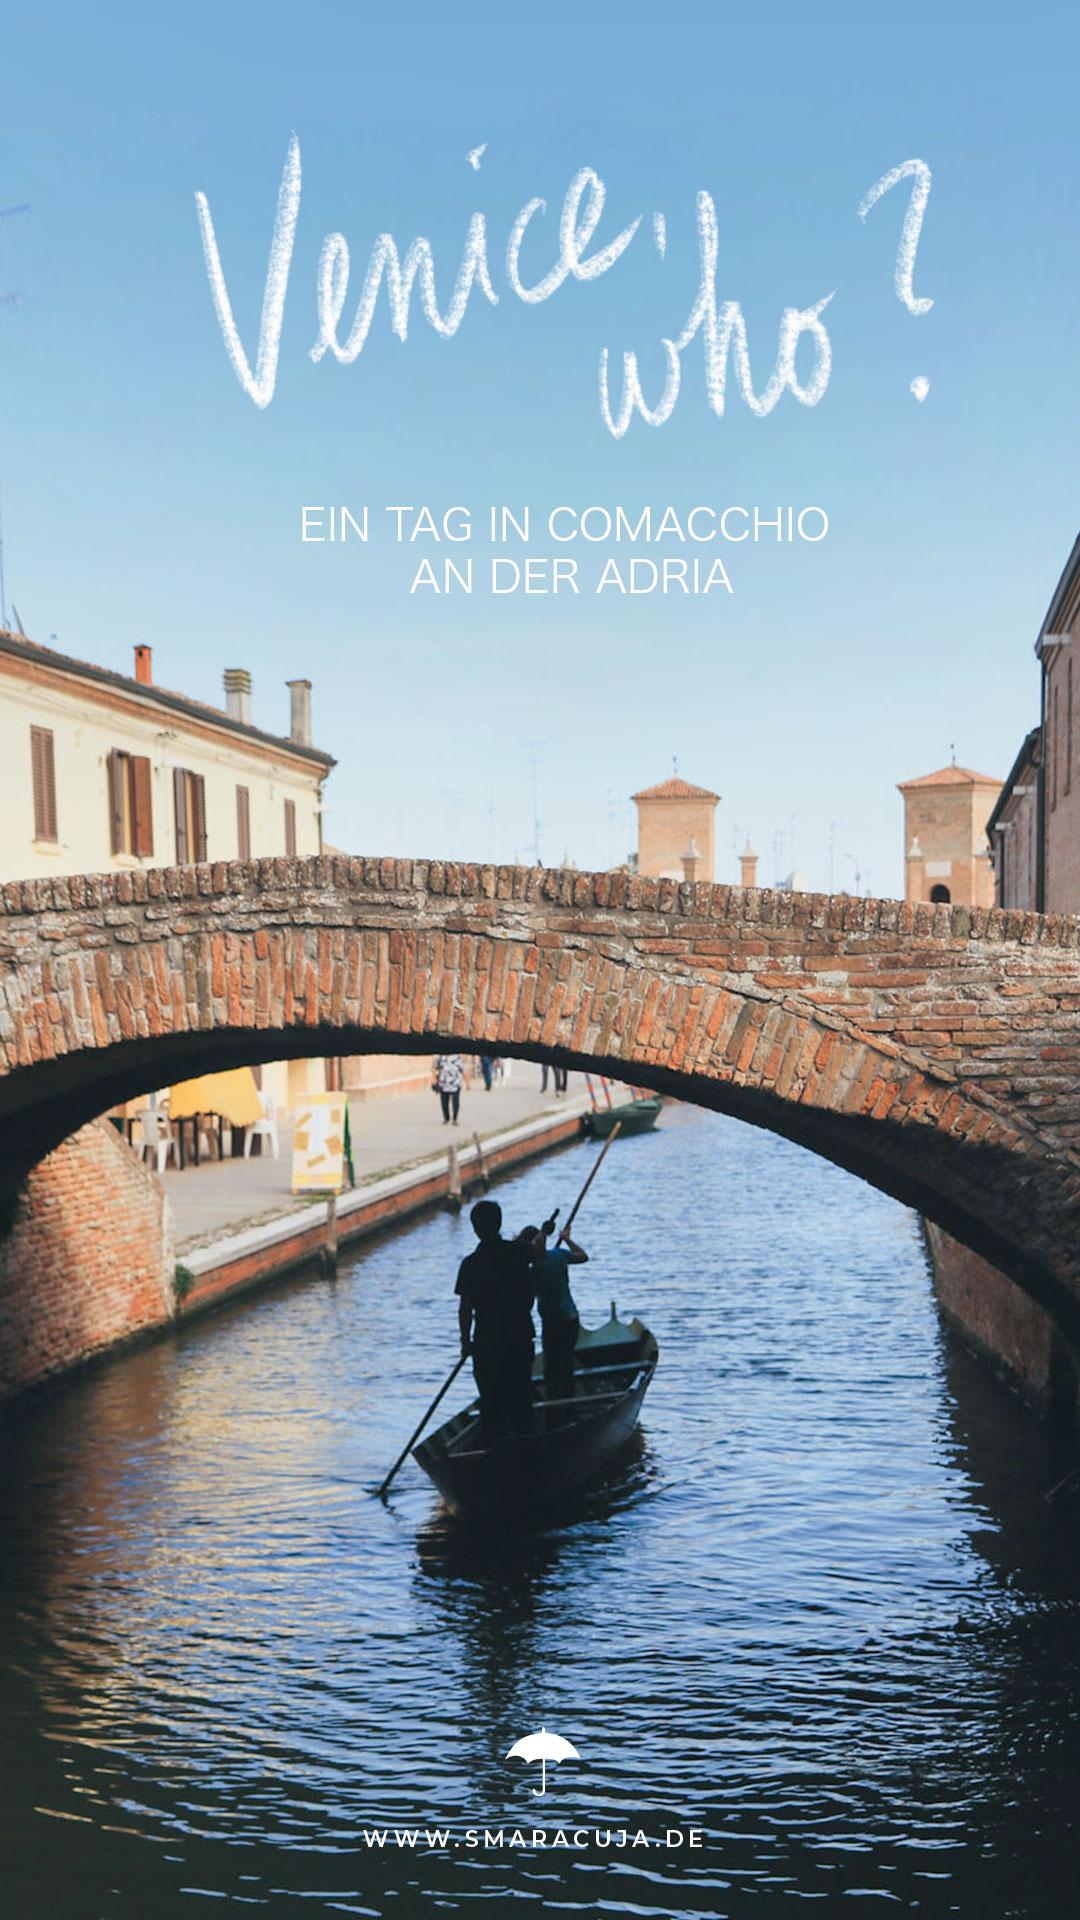 Comacchio Podelta Adriaküste Das kleine Venedig Emilia Romagna Italien